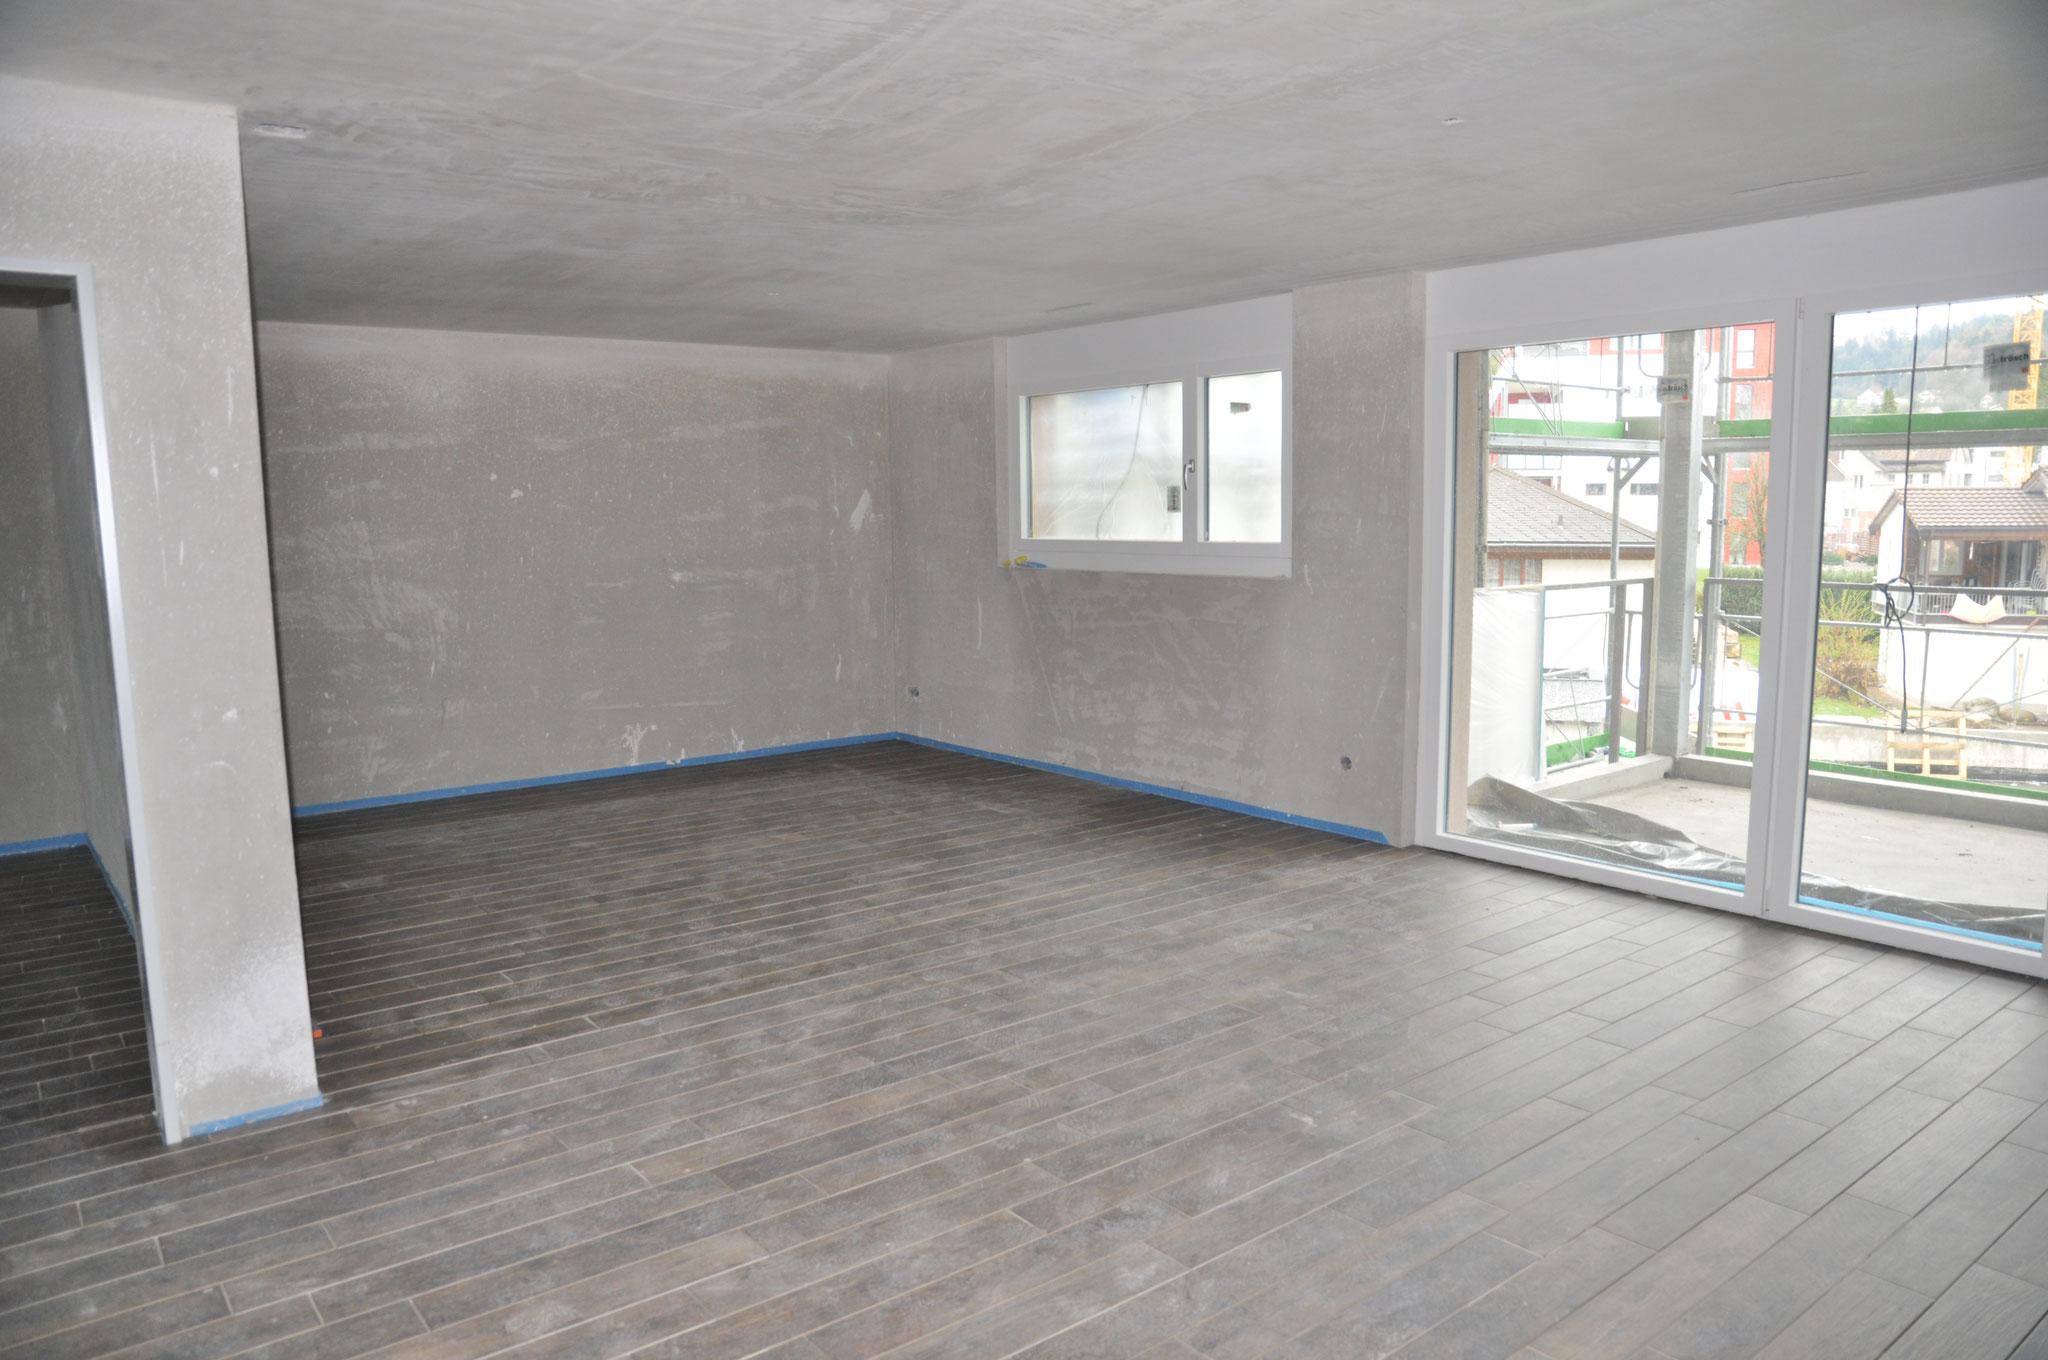 Innenausbau Wohnen 3,5 Zimmer Wohnung Einheit B (März 2016)